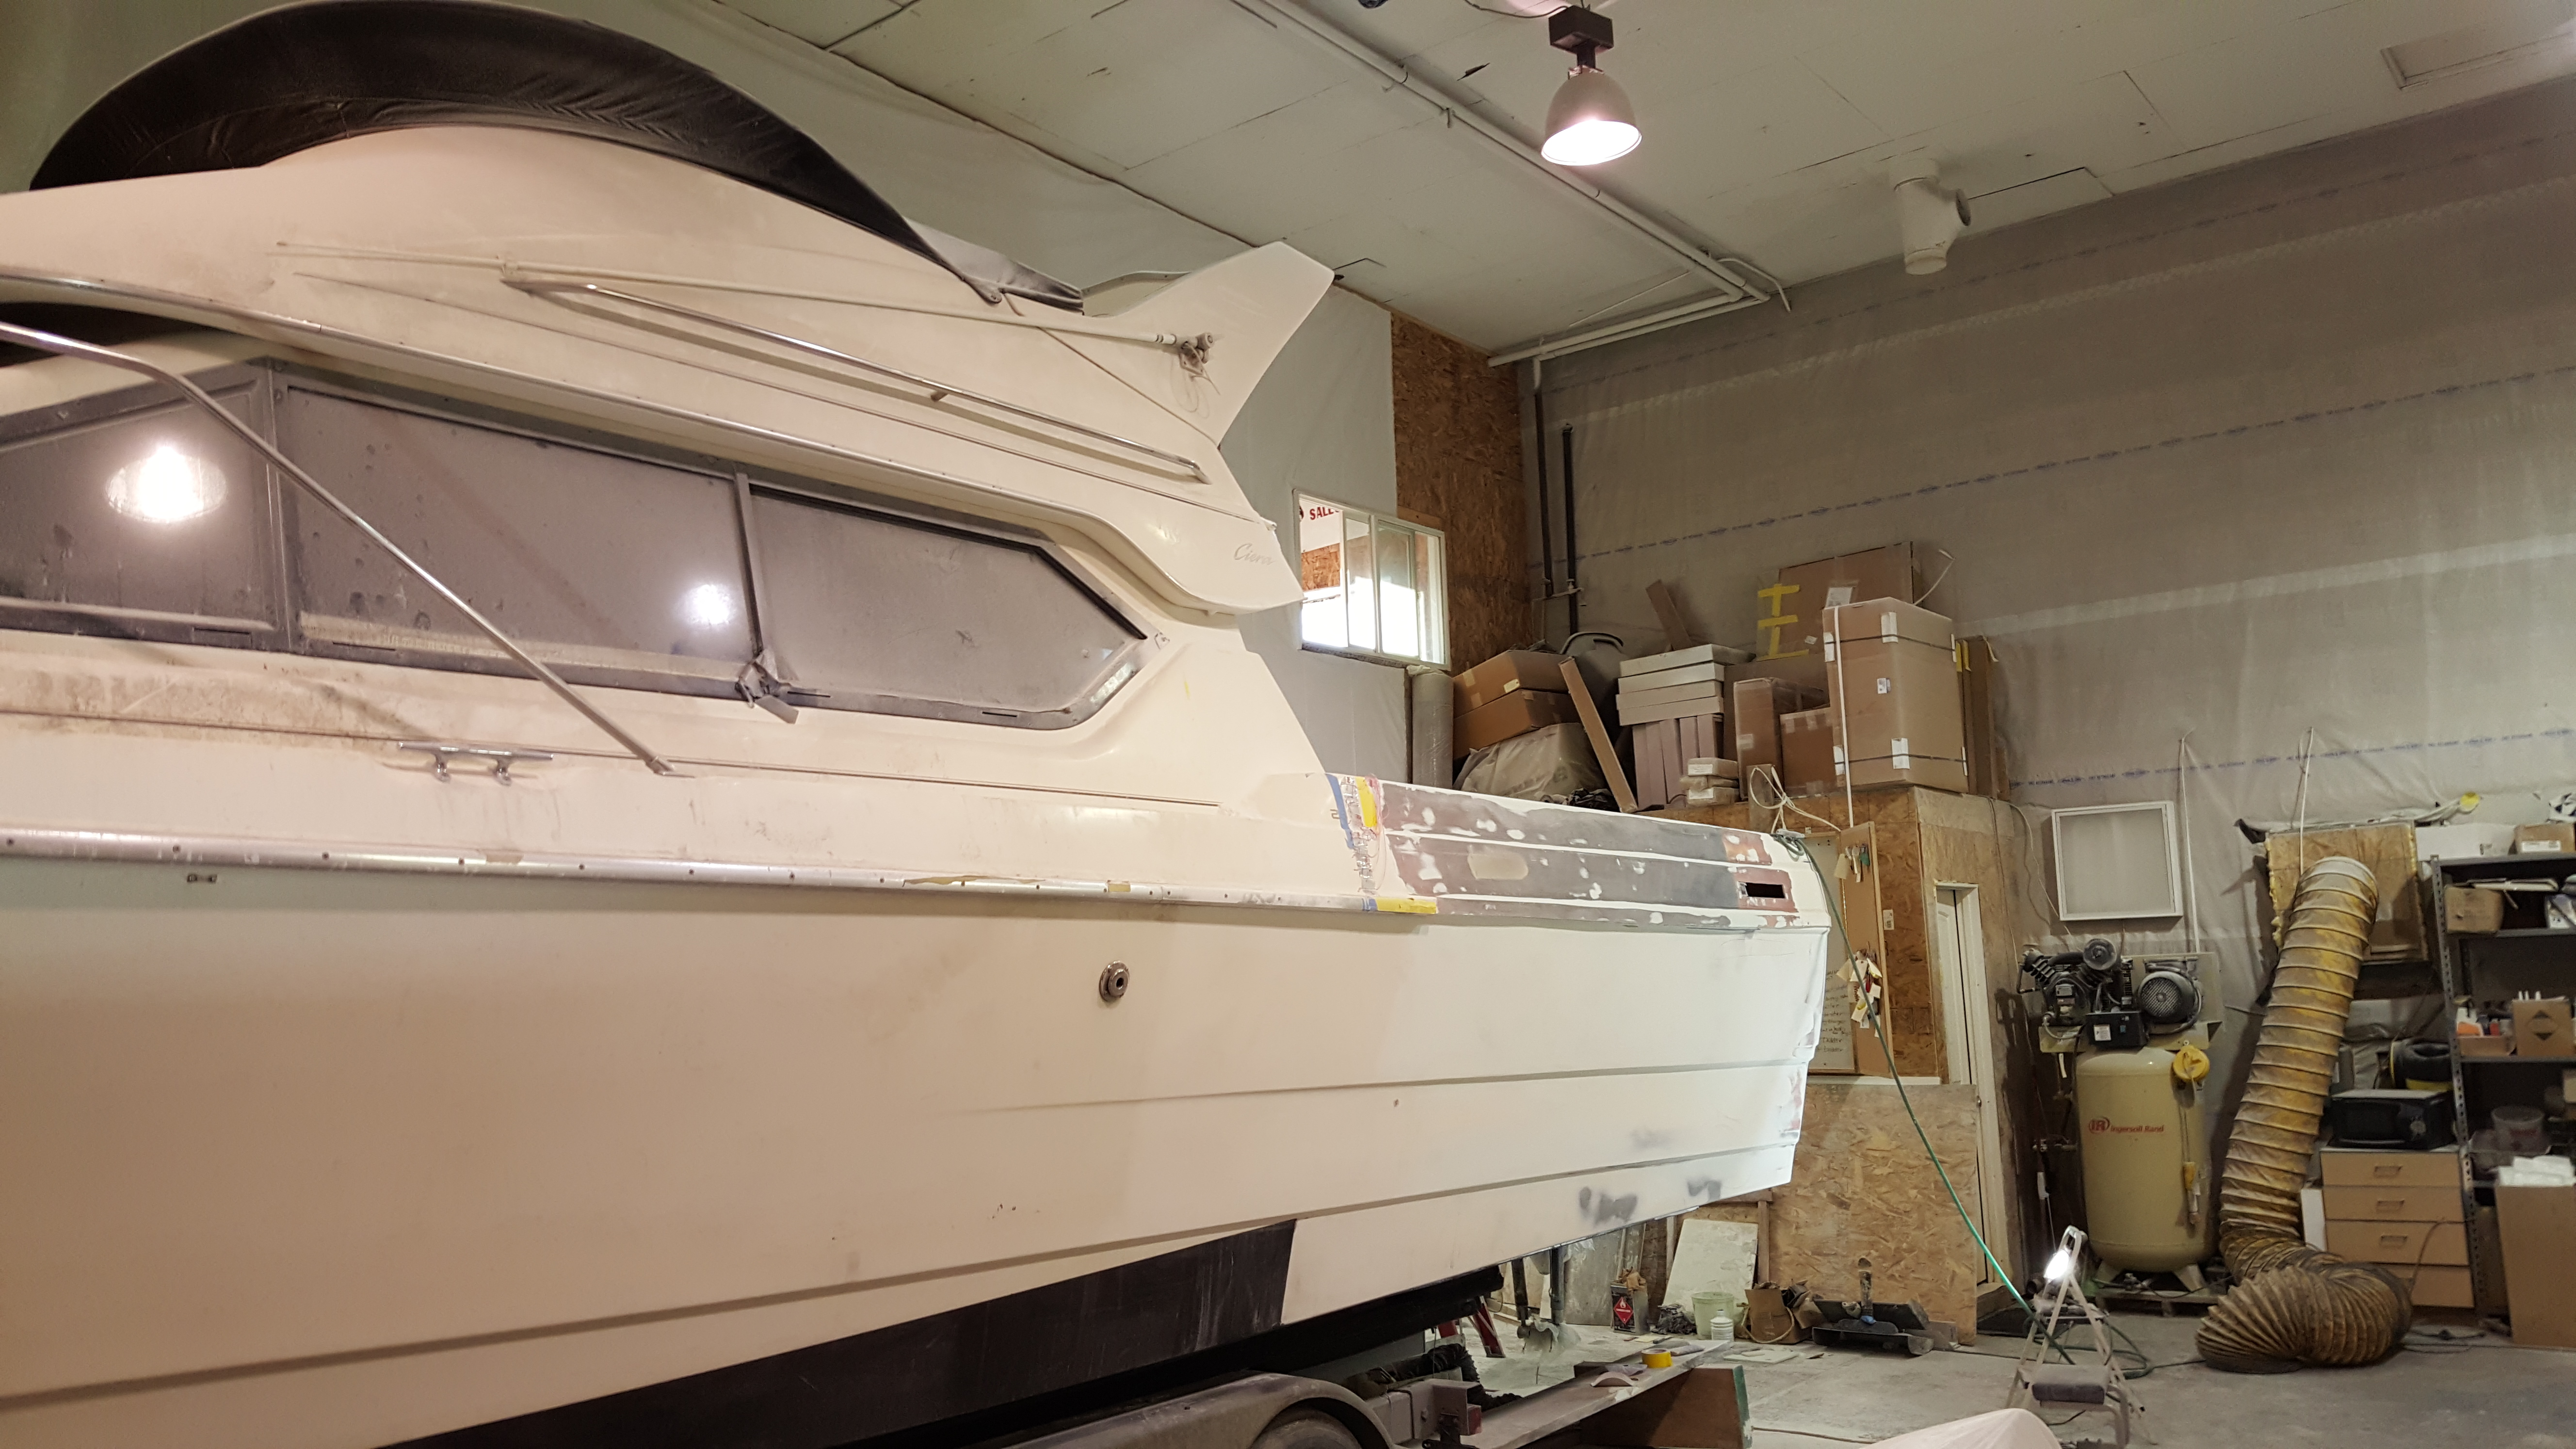 Boat Image 30